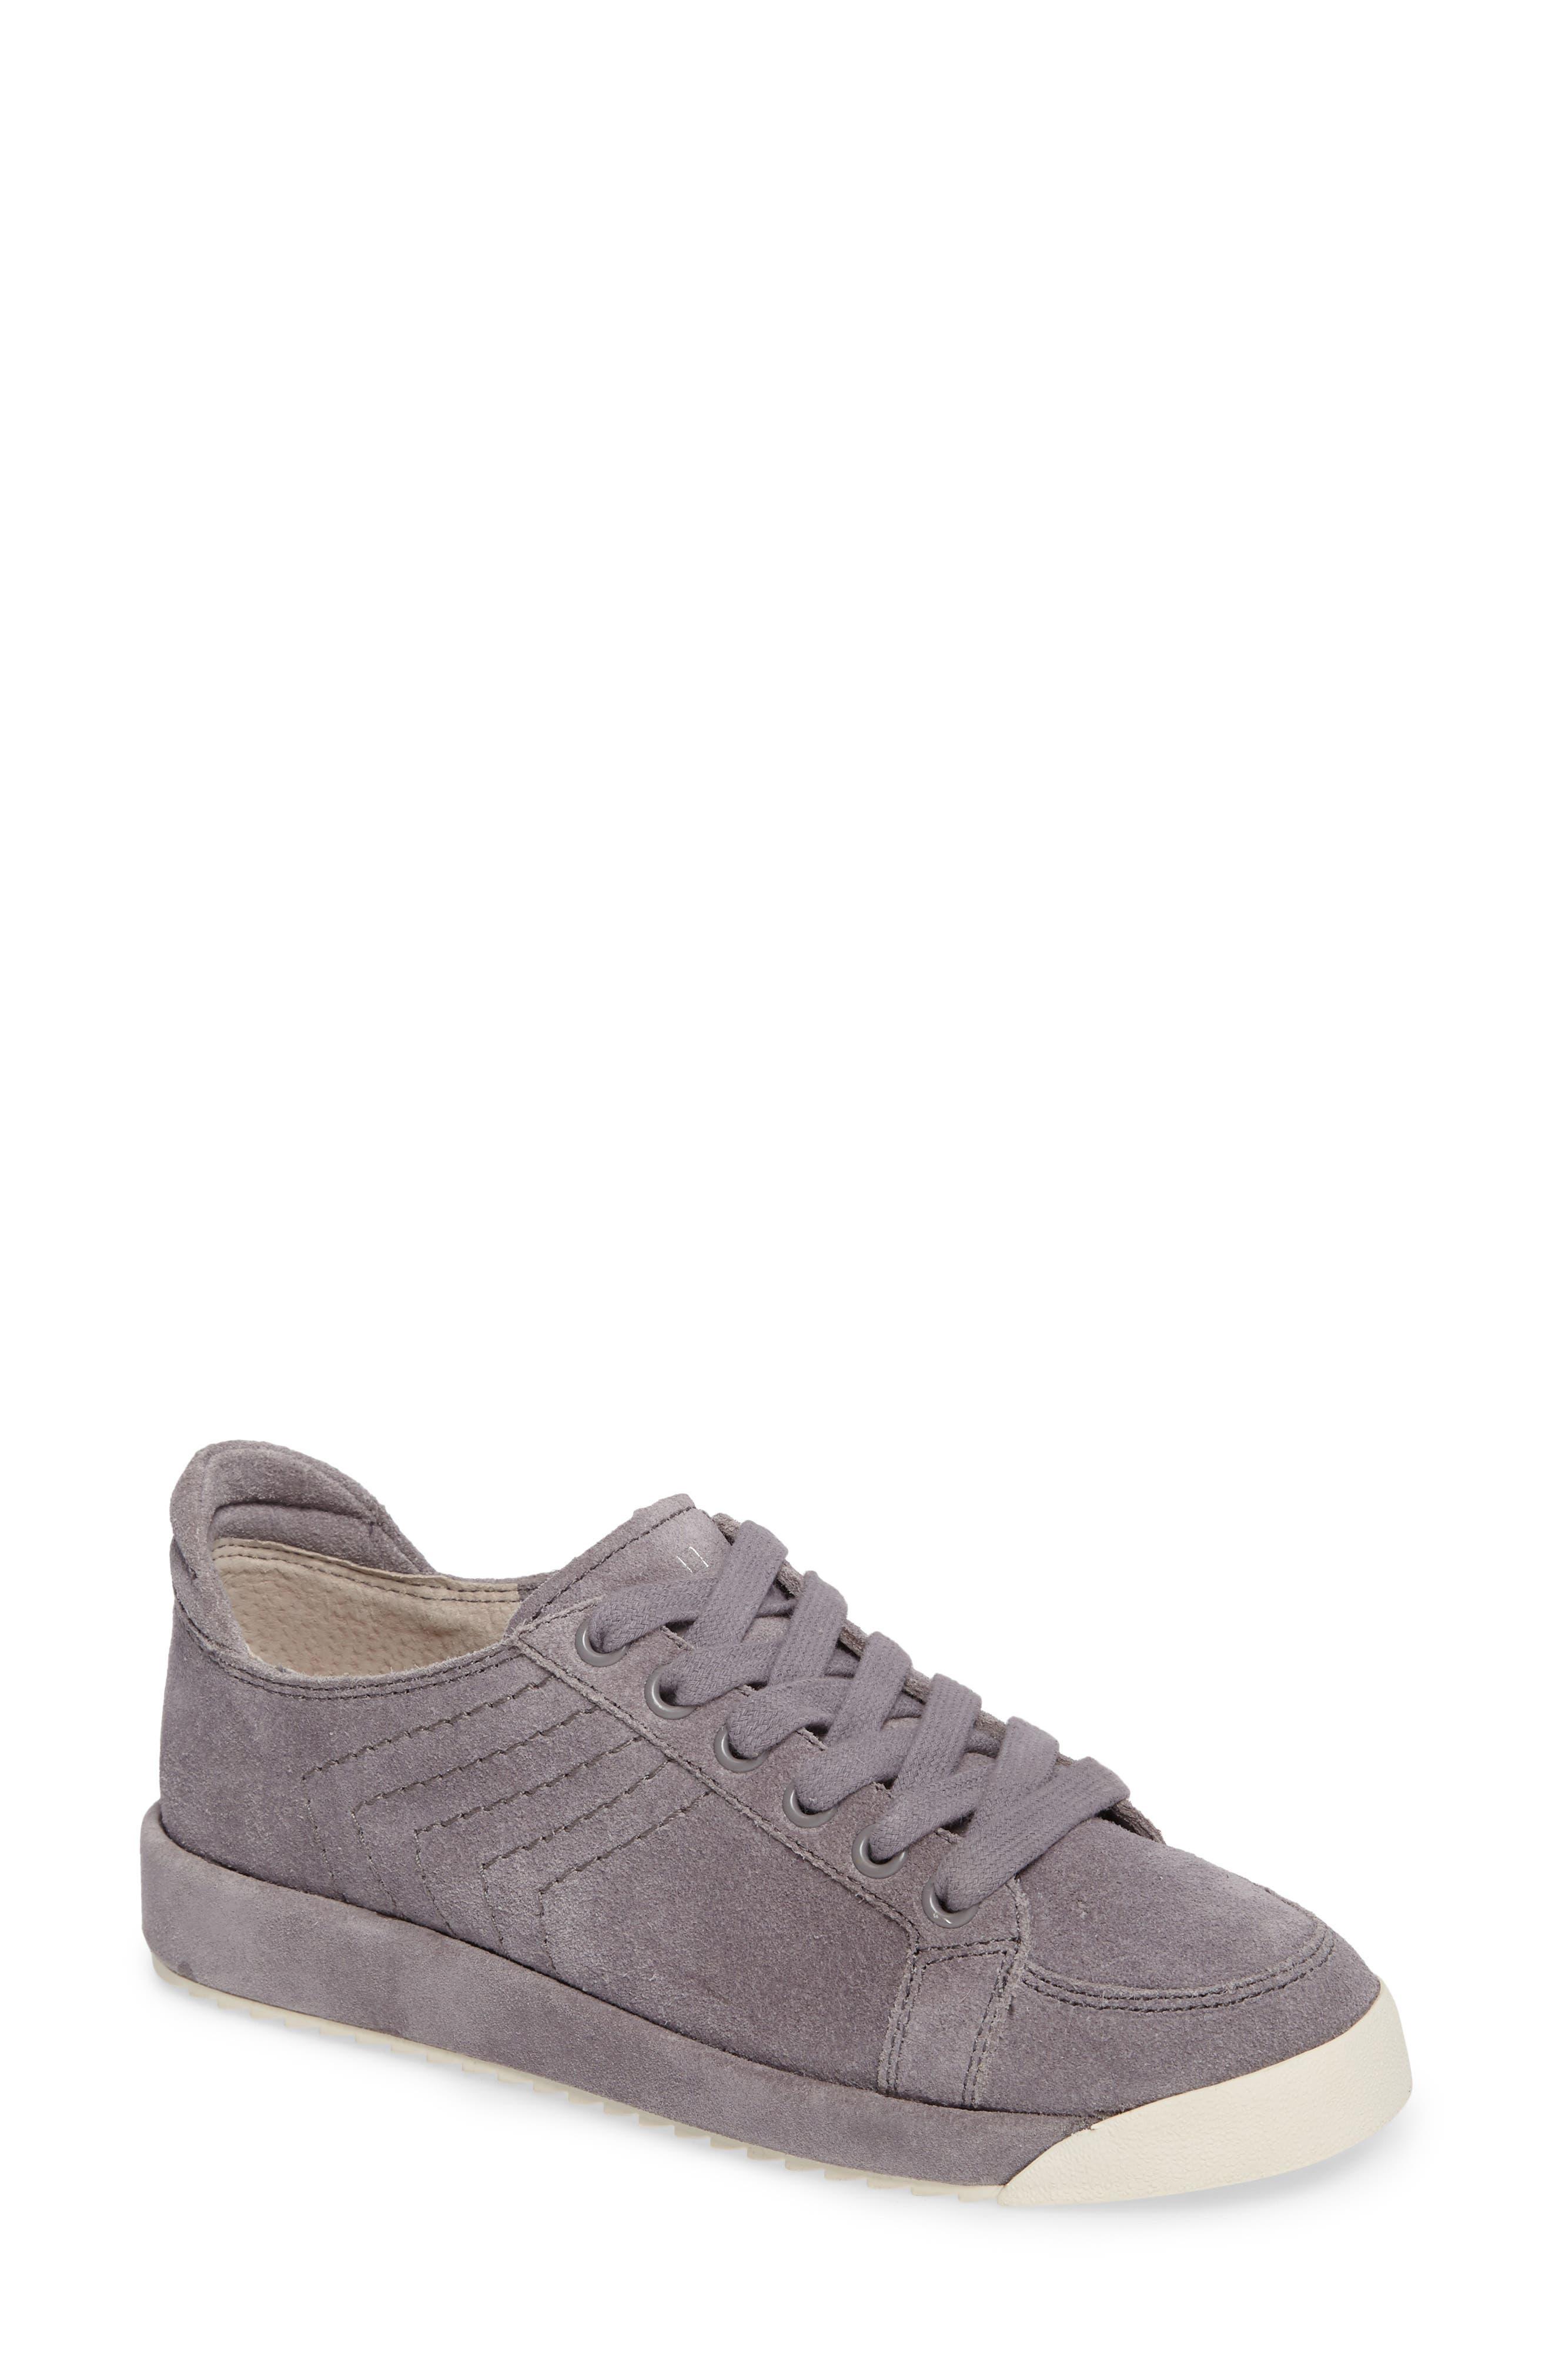 Sage Low-Top Sneaker,                         Main,                         color, Grey Suede